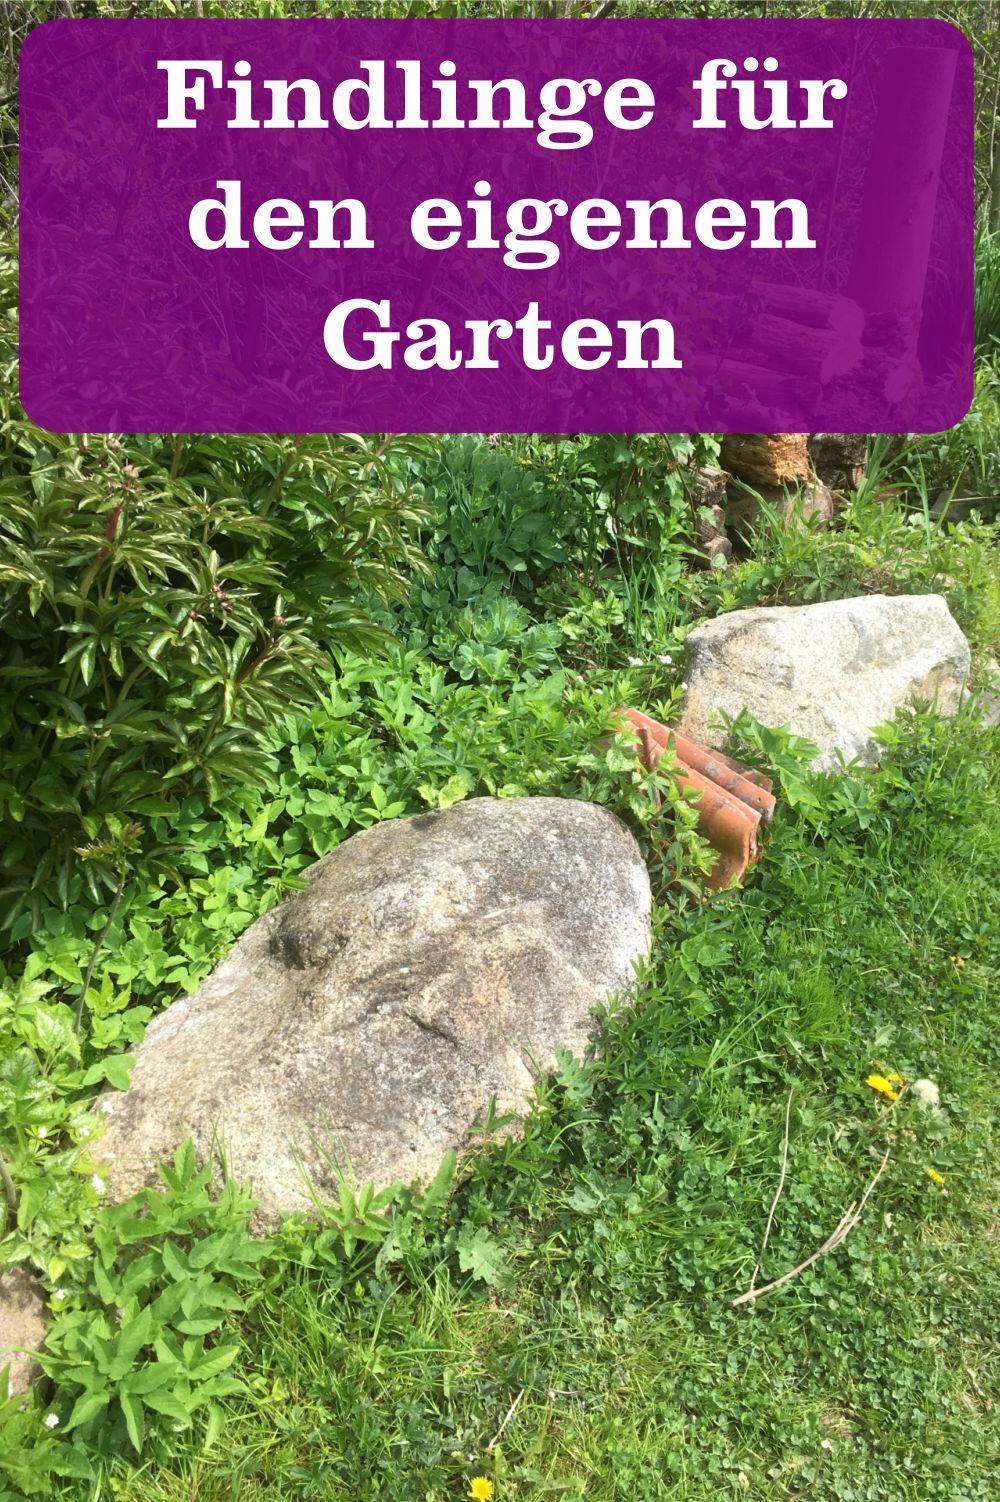 Findlinge für Garten